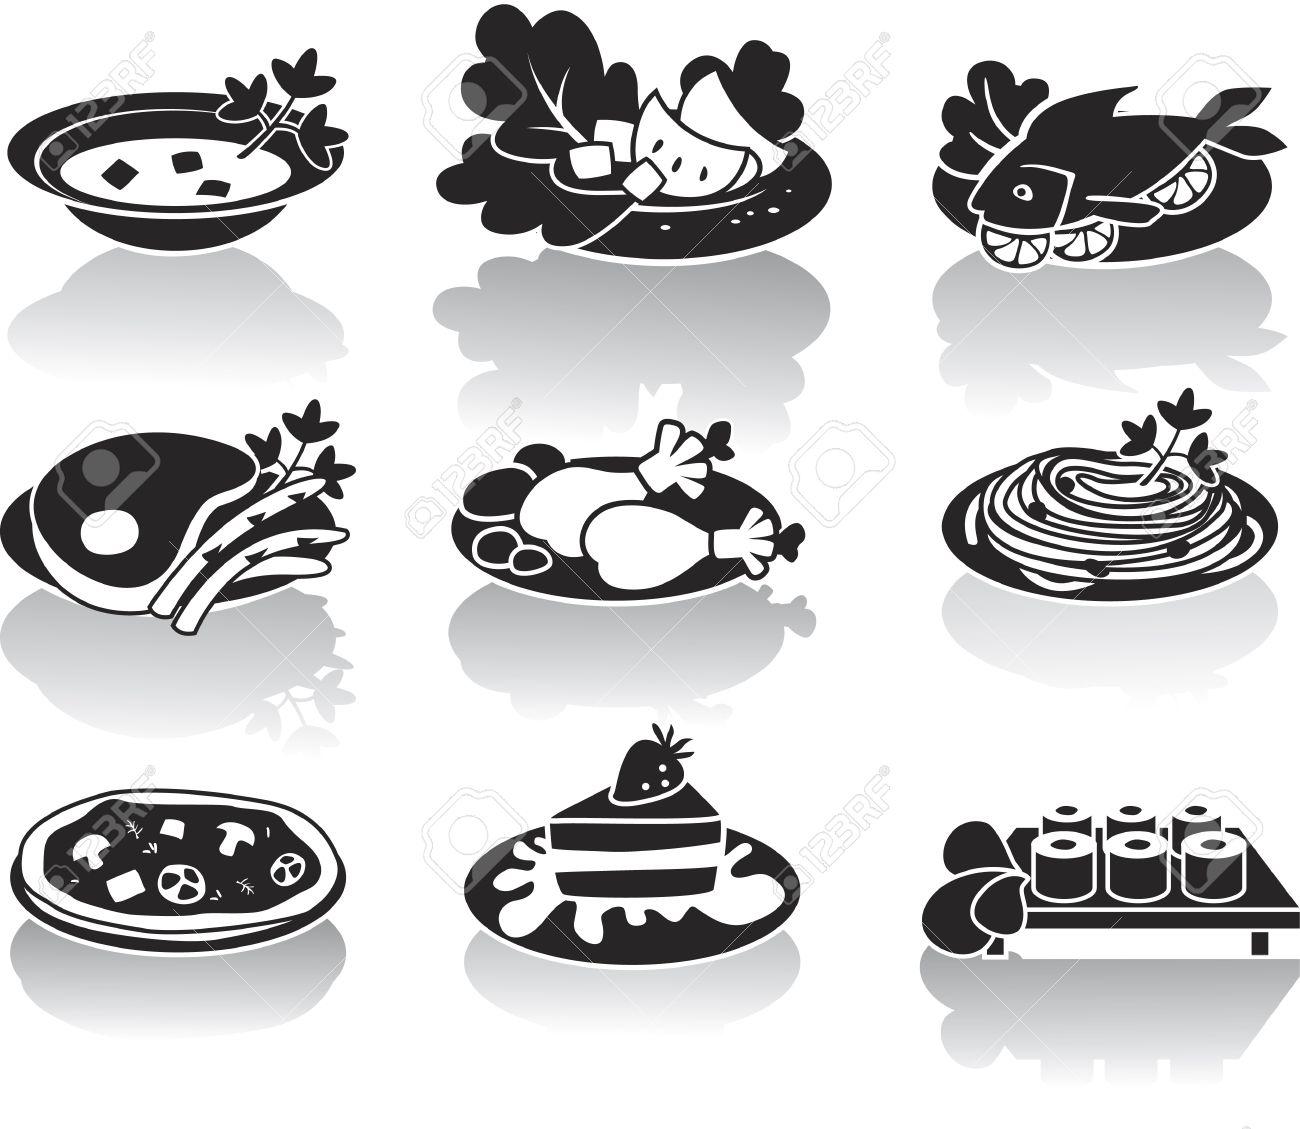 Soupe, Plat De Poisson, Plat De Viande, Salade, Plat De Poulet.